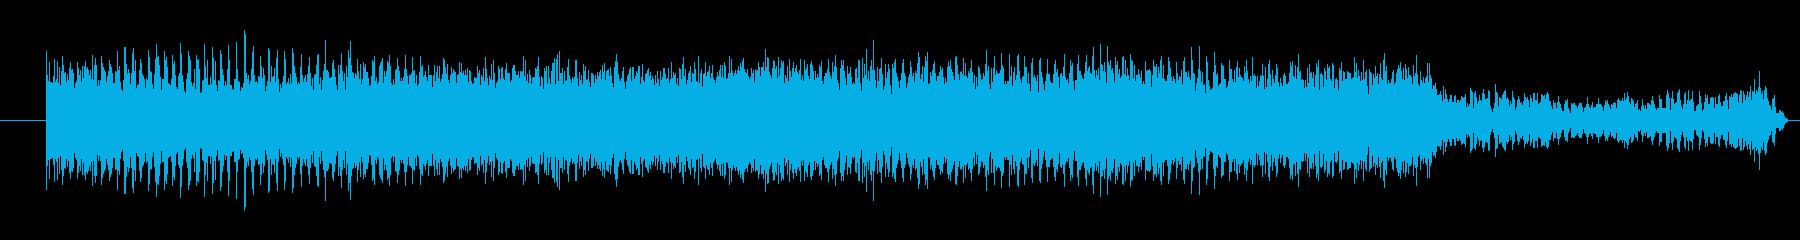 機械 負荷時のタイルカッター02の再生済みの波形